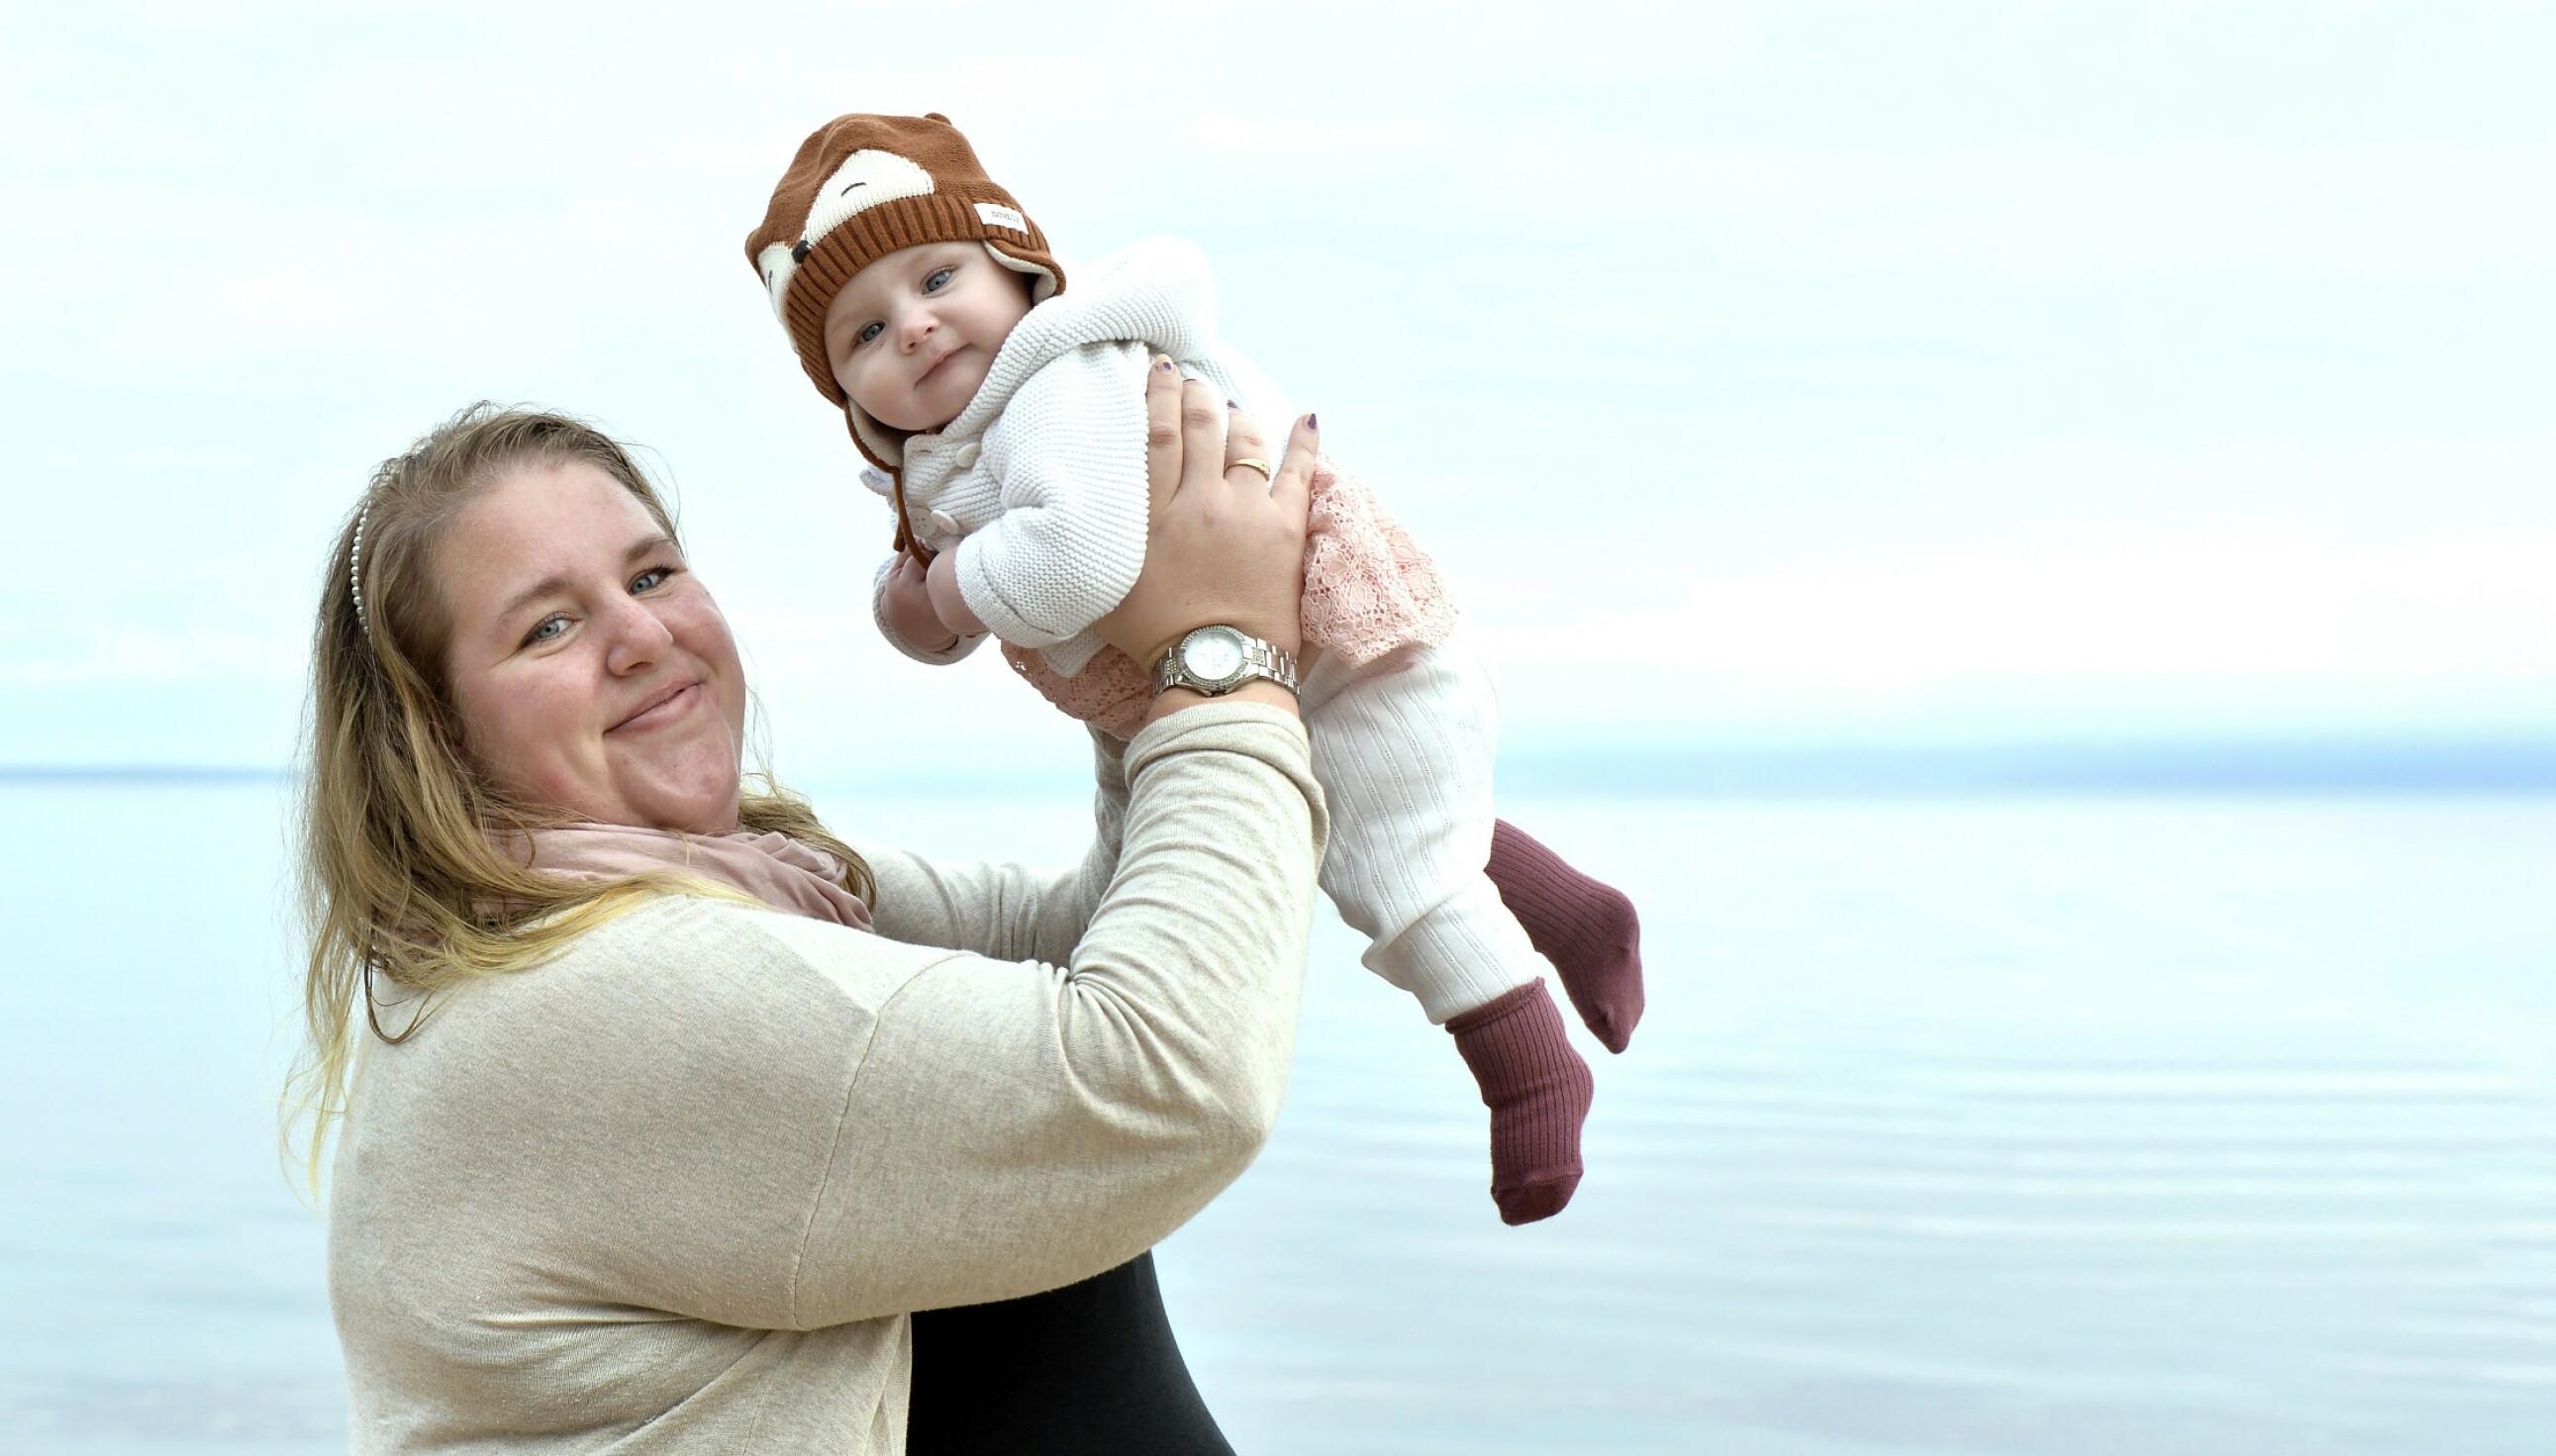 BABYLYKKE: Plutselig kom Stella! Ida fikk knapt fordøyd at hun var gravid før barnet kom til verden. FOTO: Kai Rehn